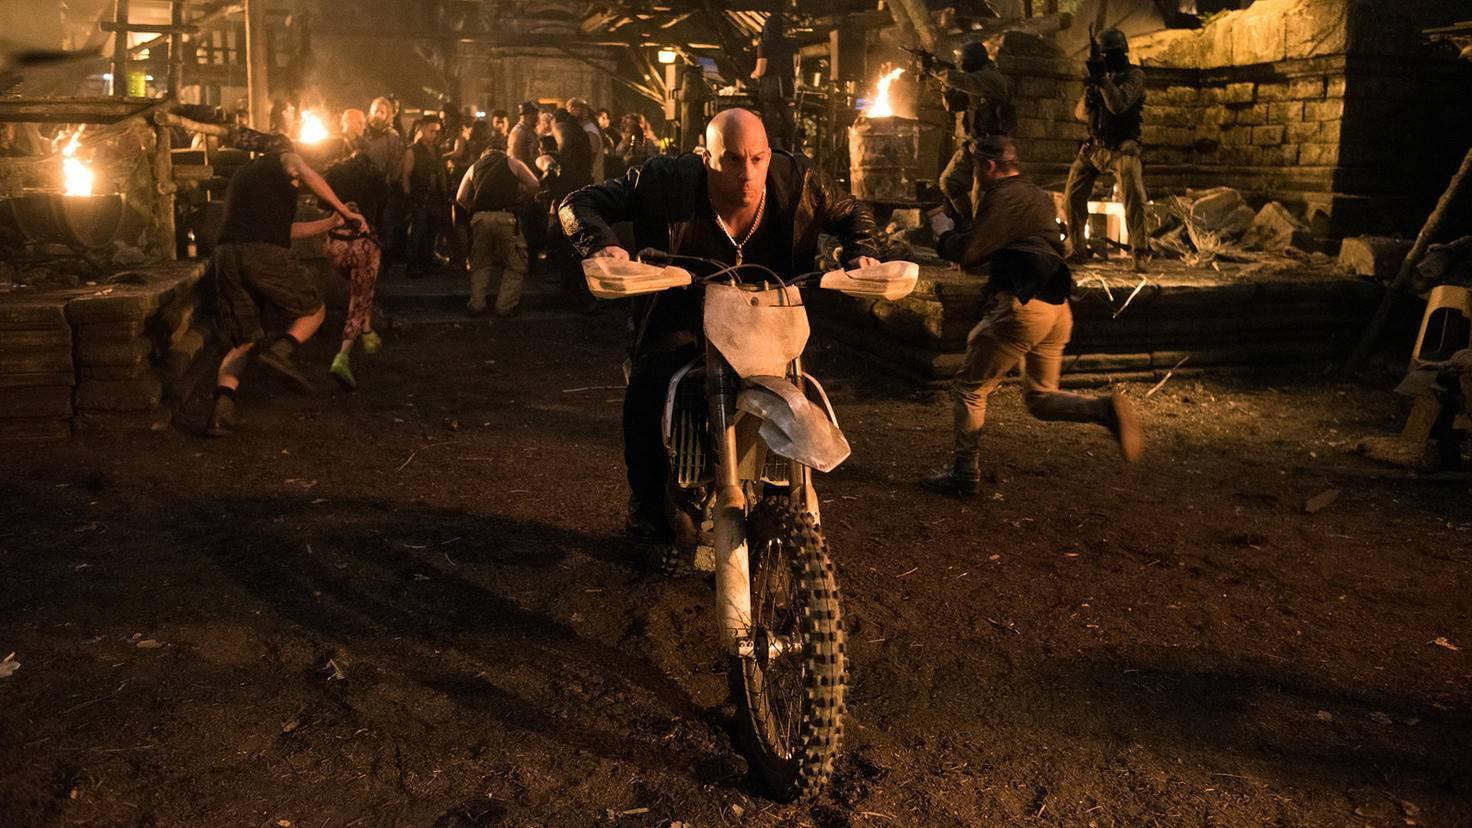 Motorcross statt luxuriöser Limousine: Xander Cage weiß, wie sich ein Actionheld fortbewegt.